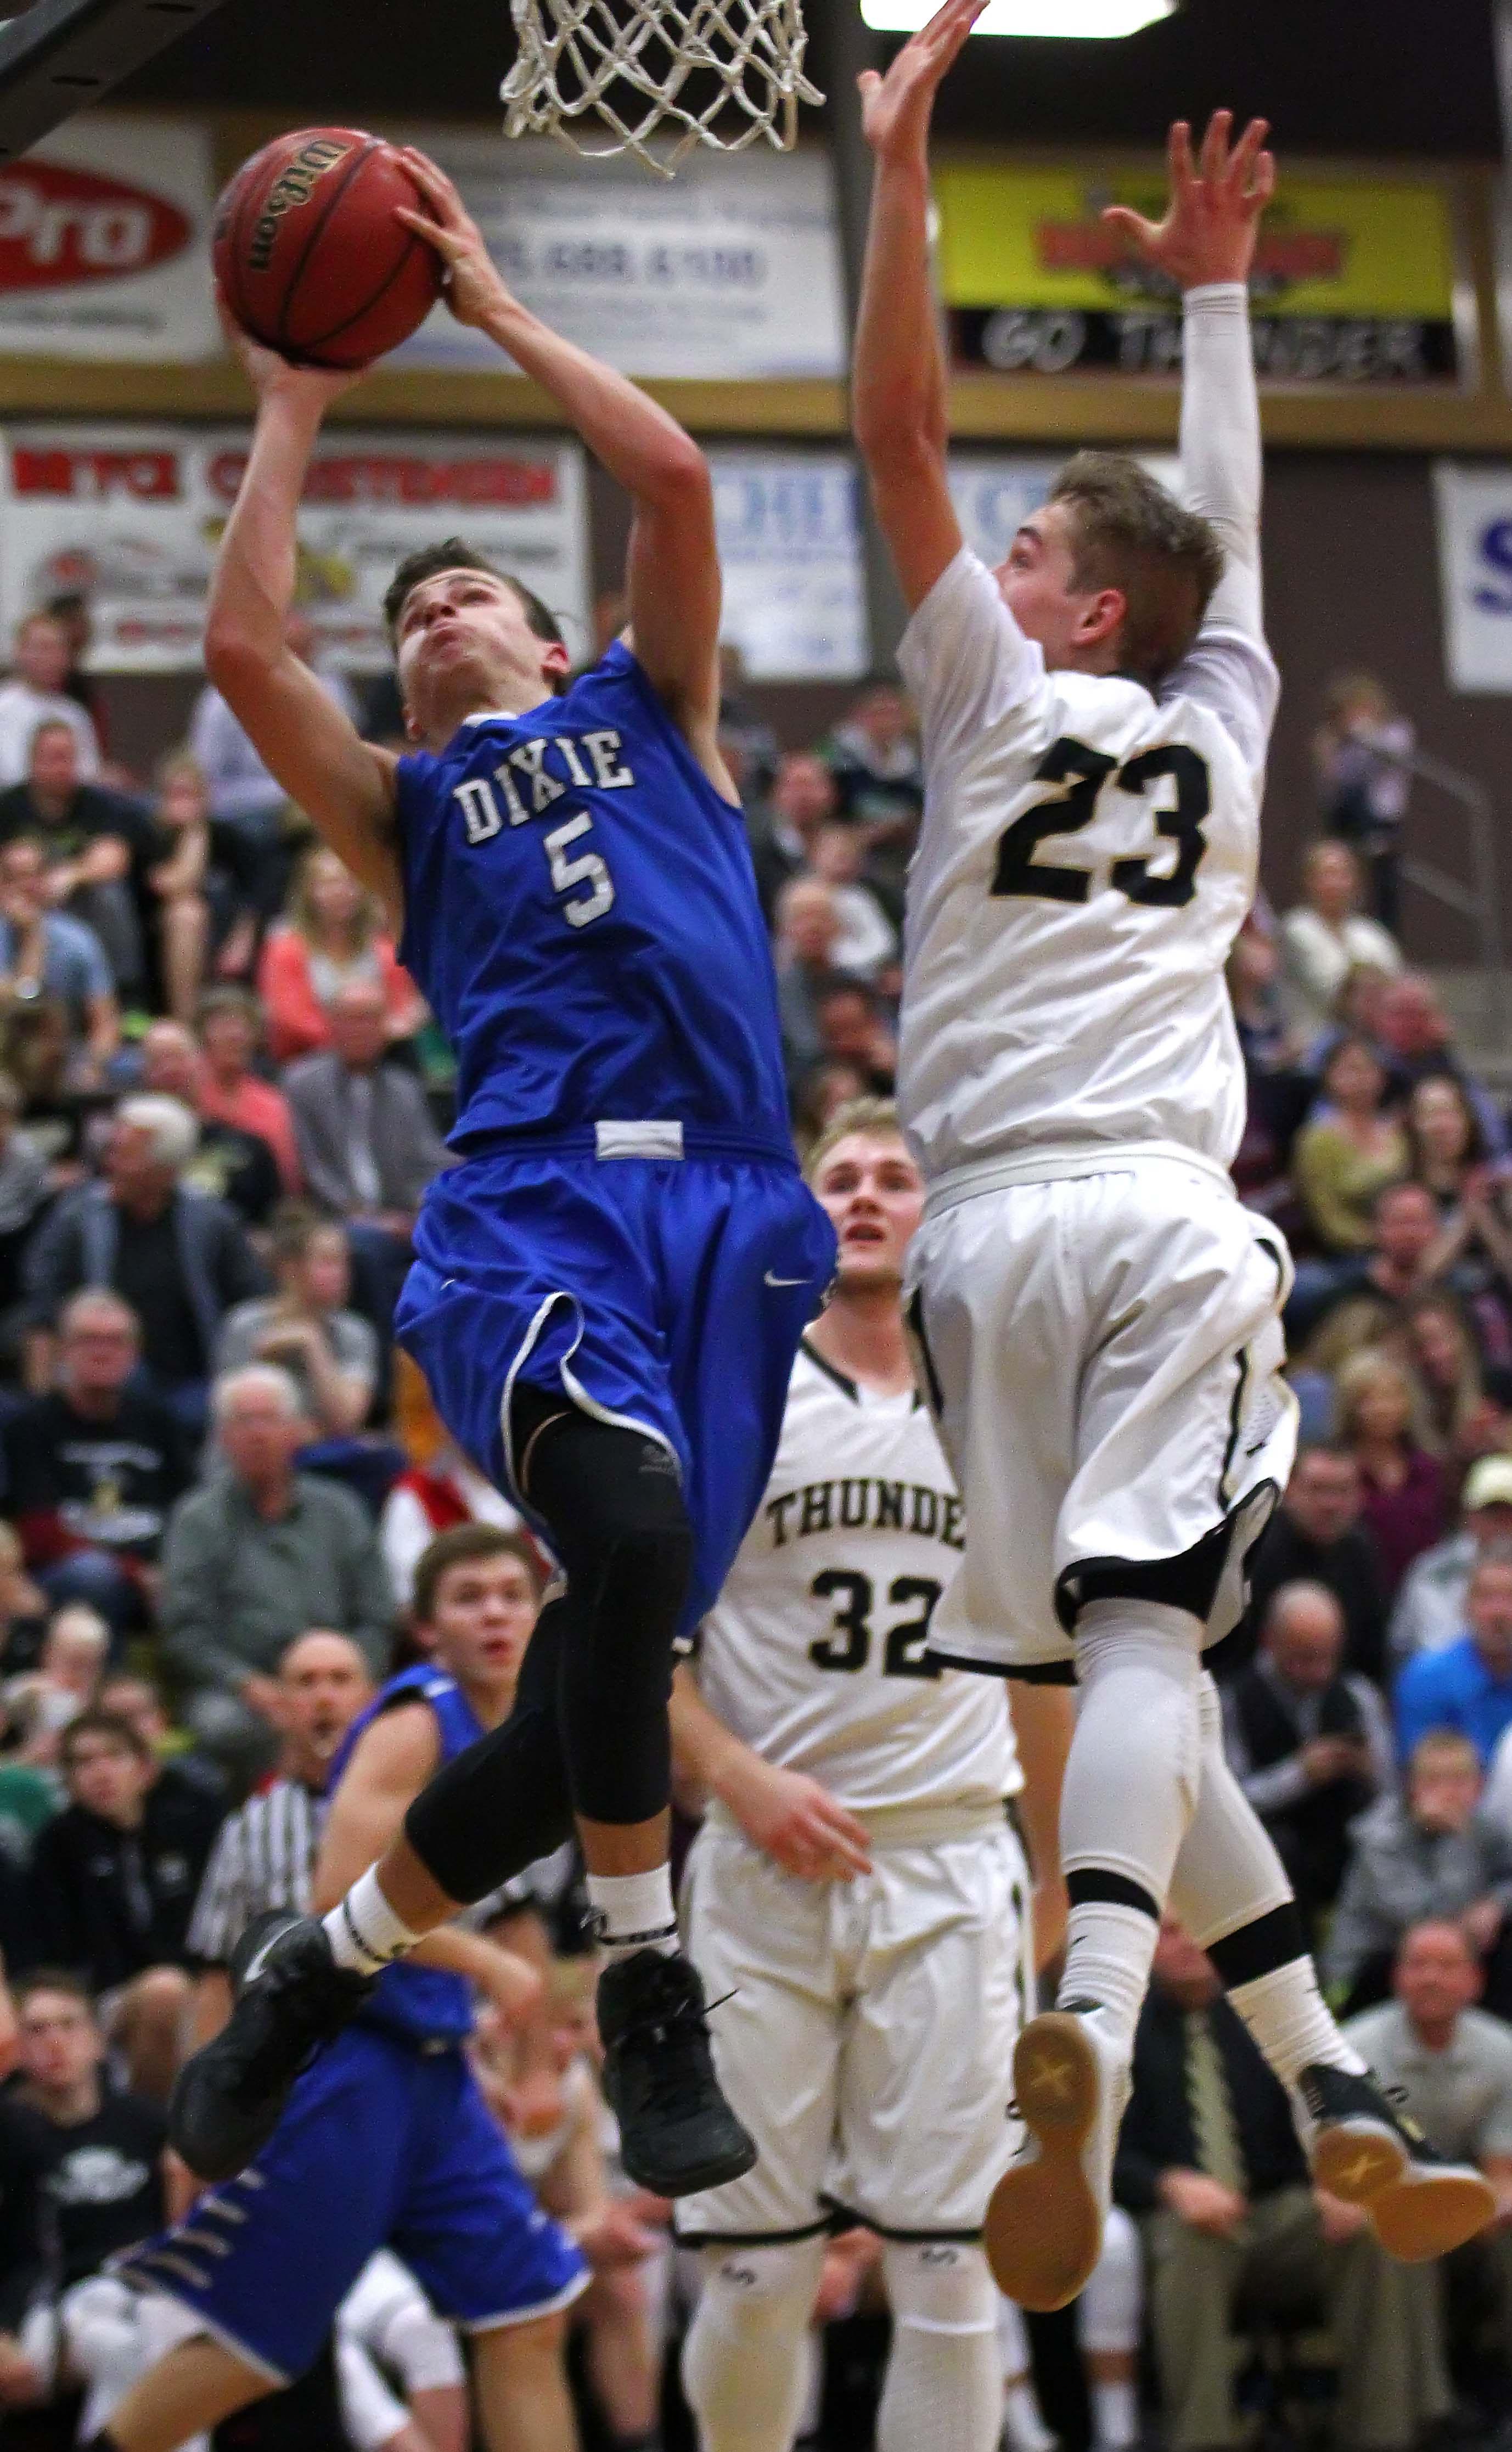 Dixie's Tyler Bennett (5) and Desert Hills' Logan Hokanson (23), Desert Hills vs. Dixie, Boys Basketball, St. George, Utah, Jan. 20, 2016, | Photo by Robert Hoppie, ASPpix.com, St. George News